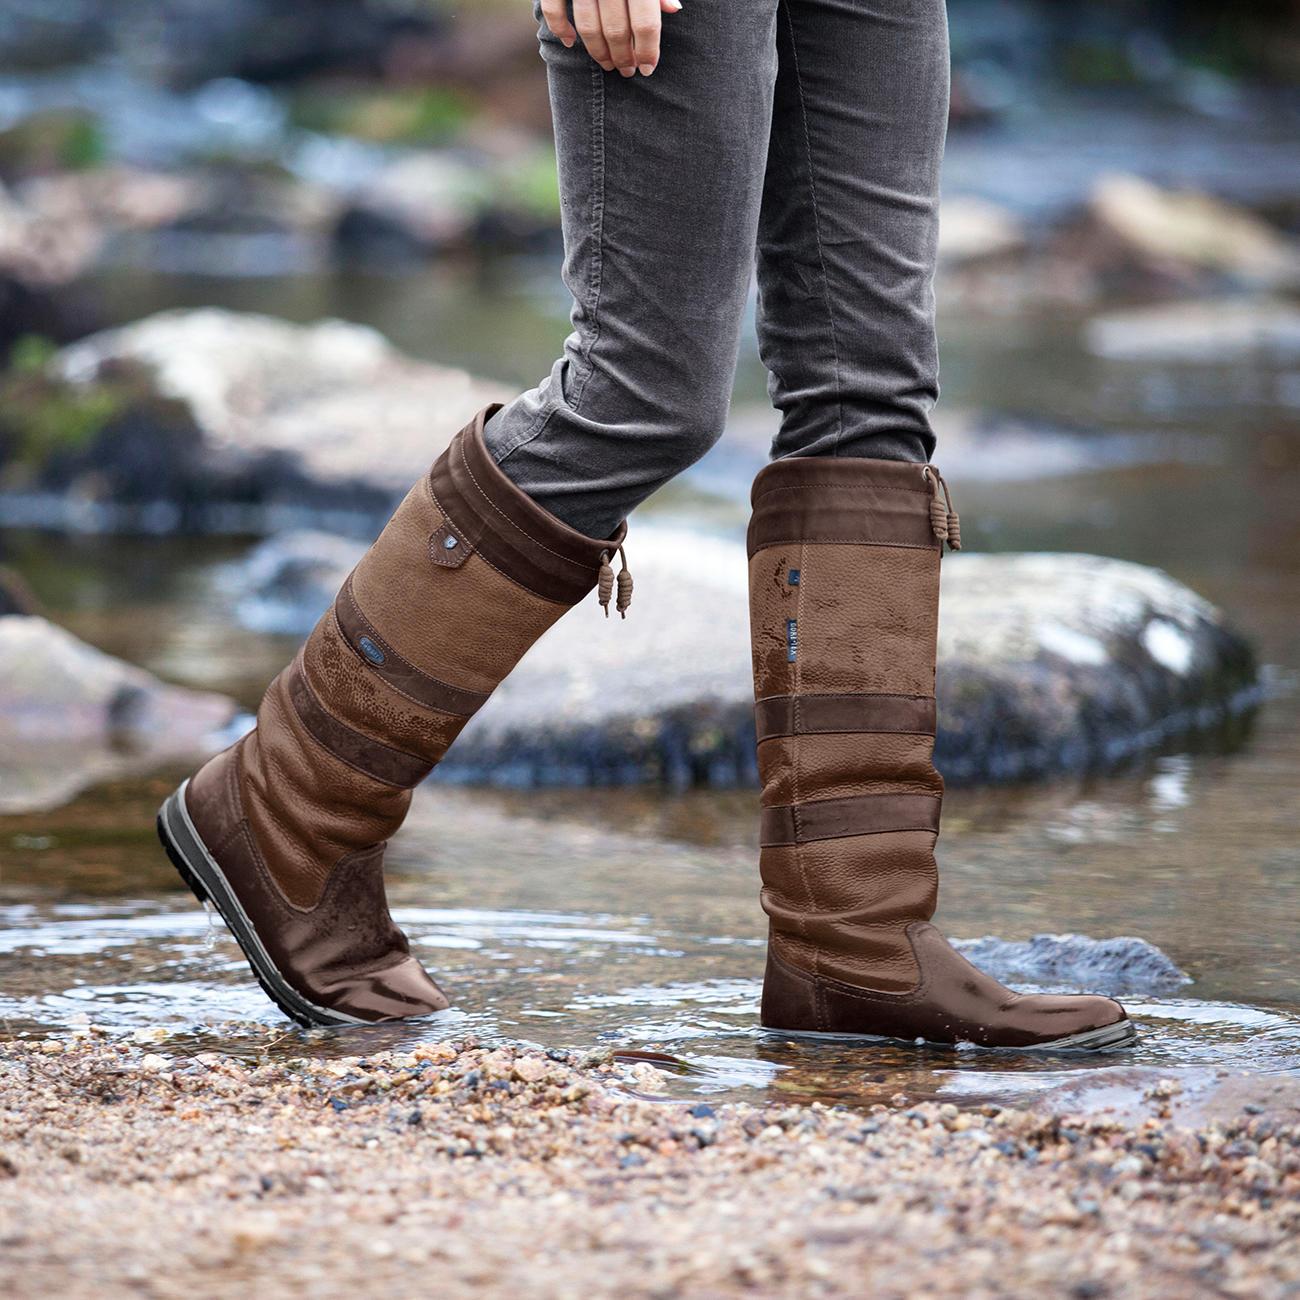 finest selection a941e f5827 Dubarry Wasserdichte Lederstiefel | Klassiker entdecken